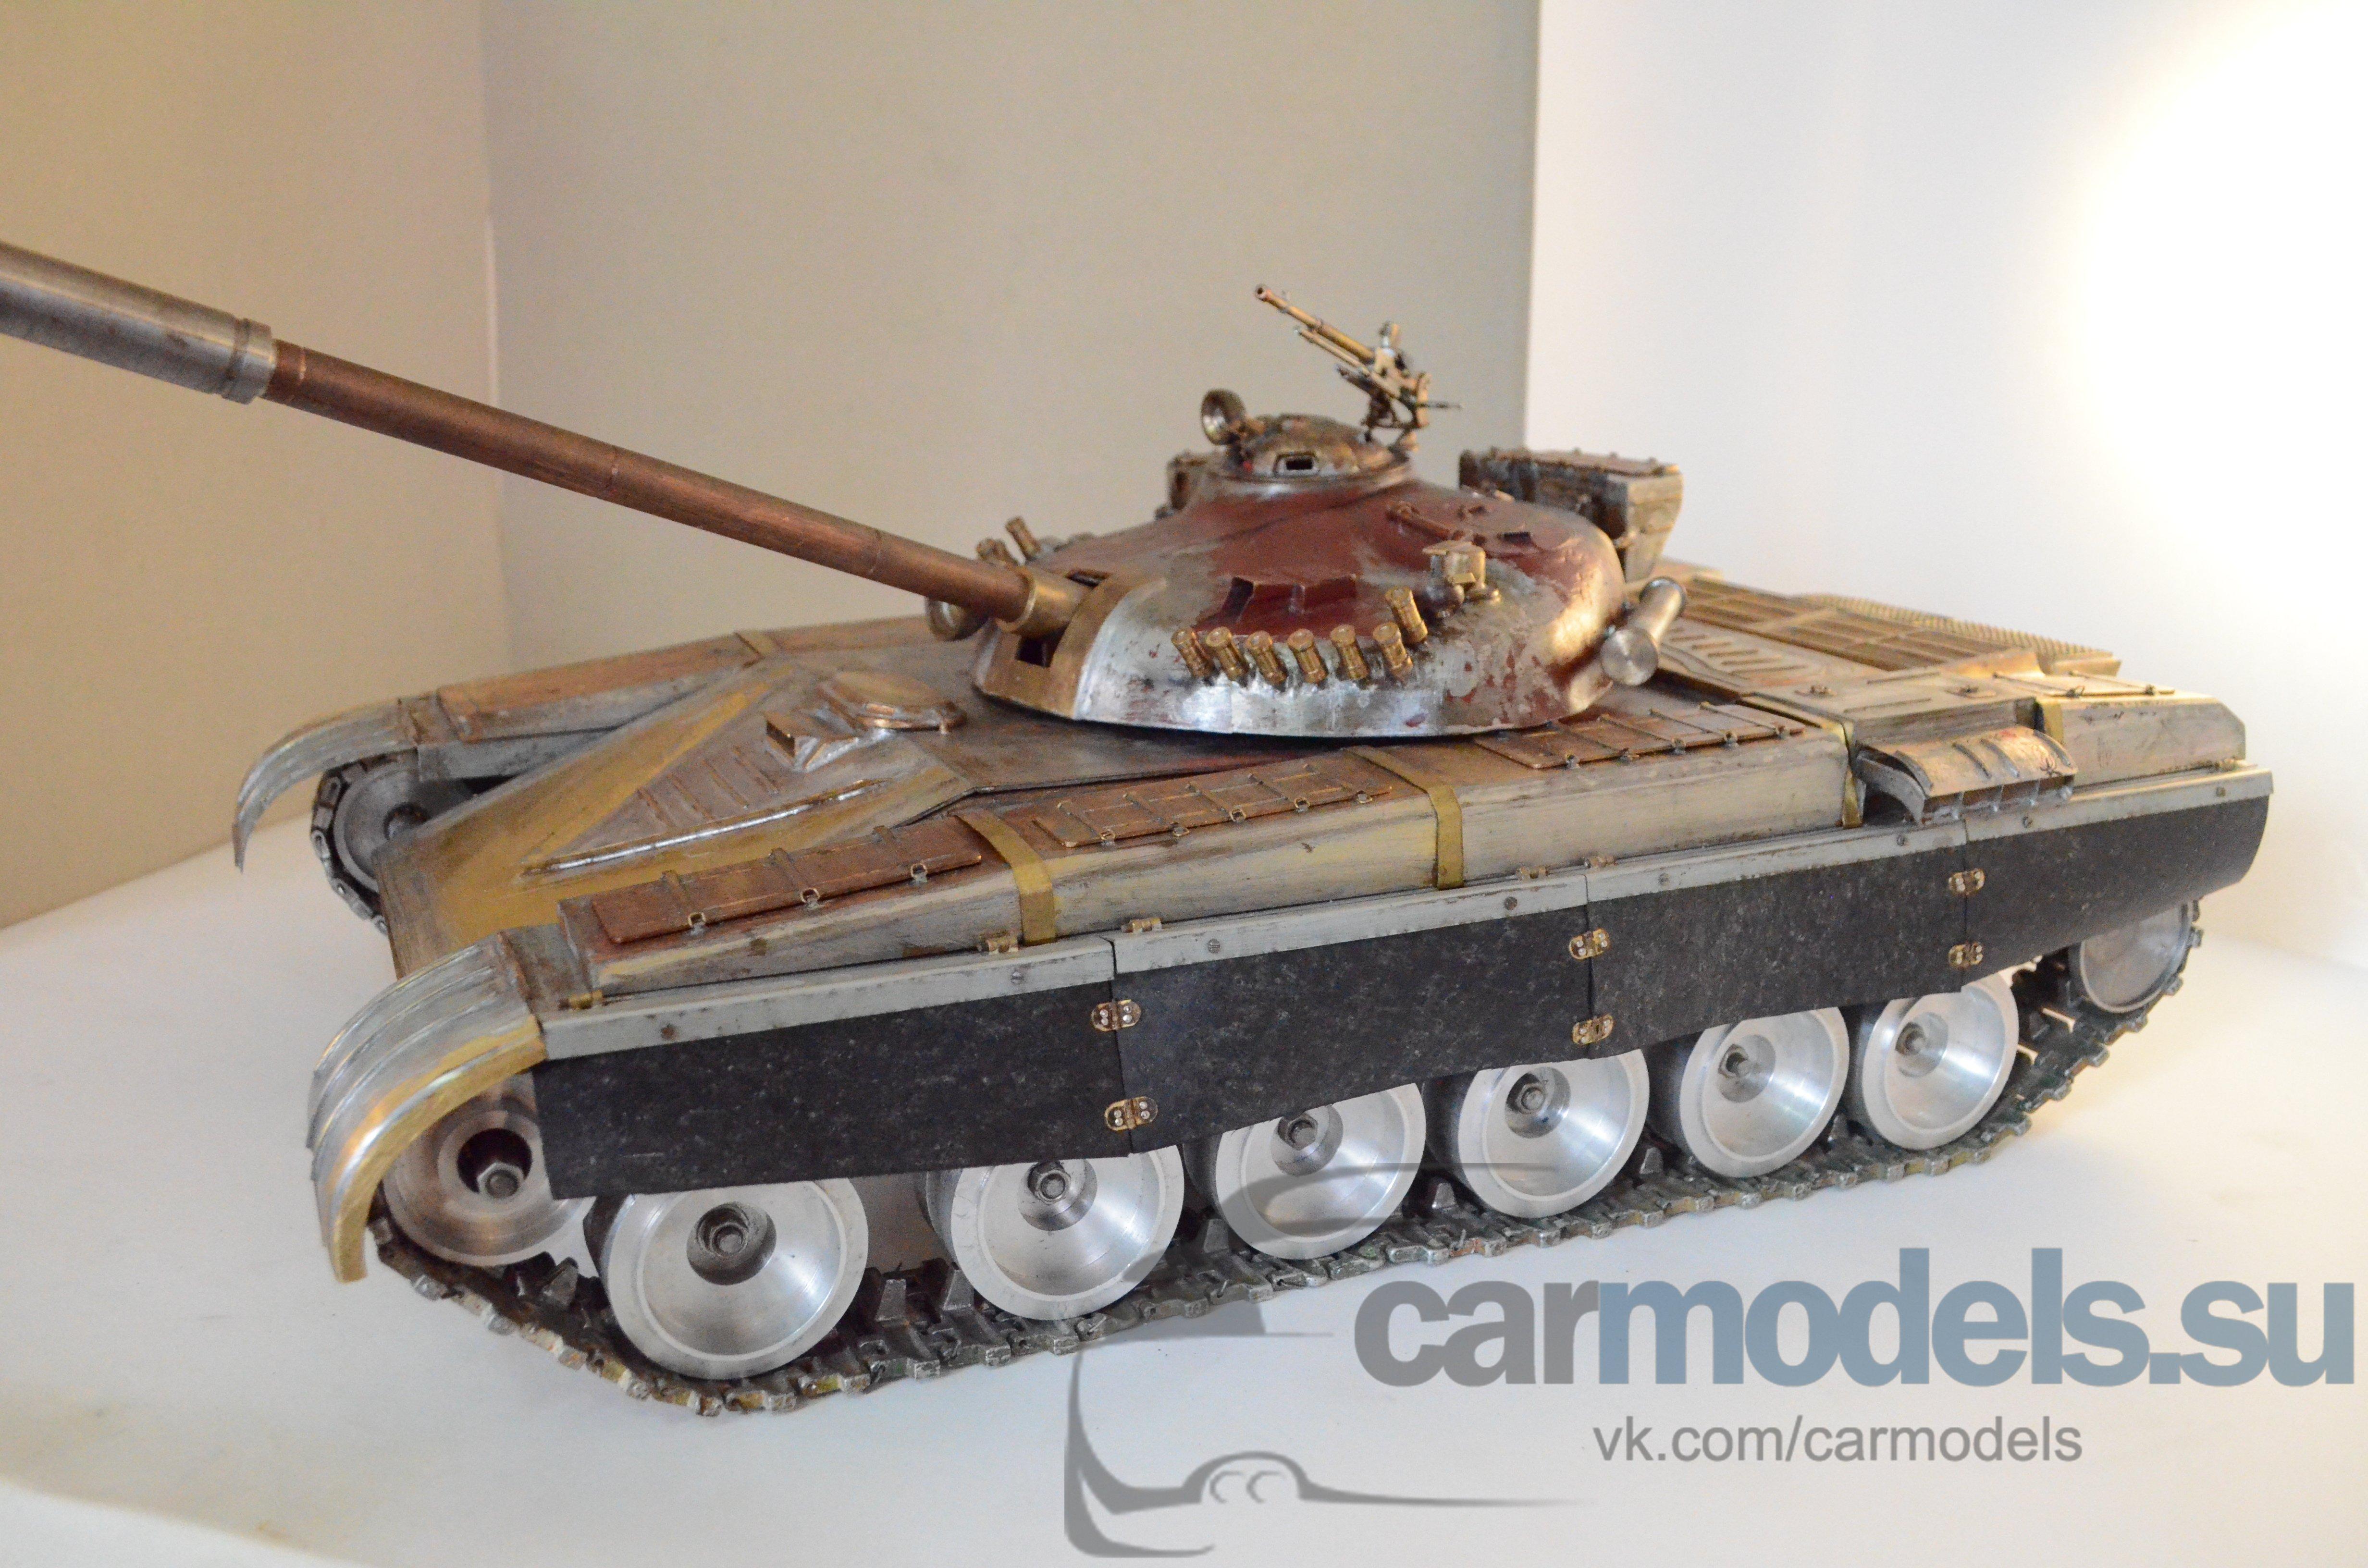 Радиоуправляемые модели своими руками танки